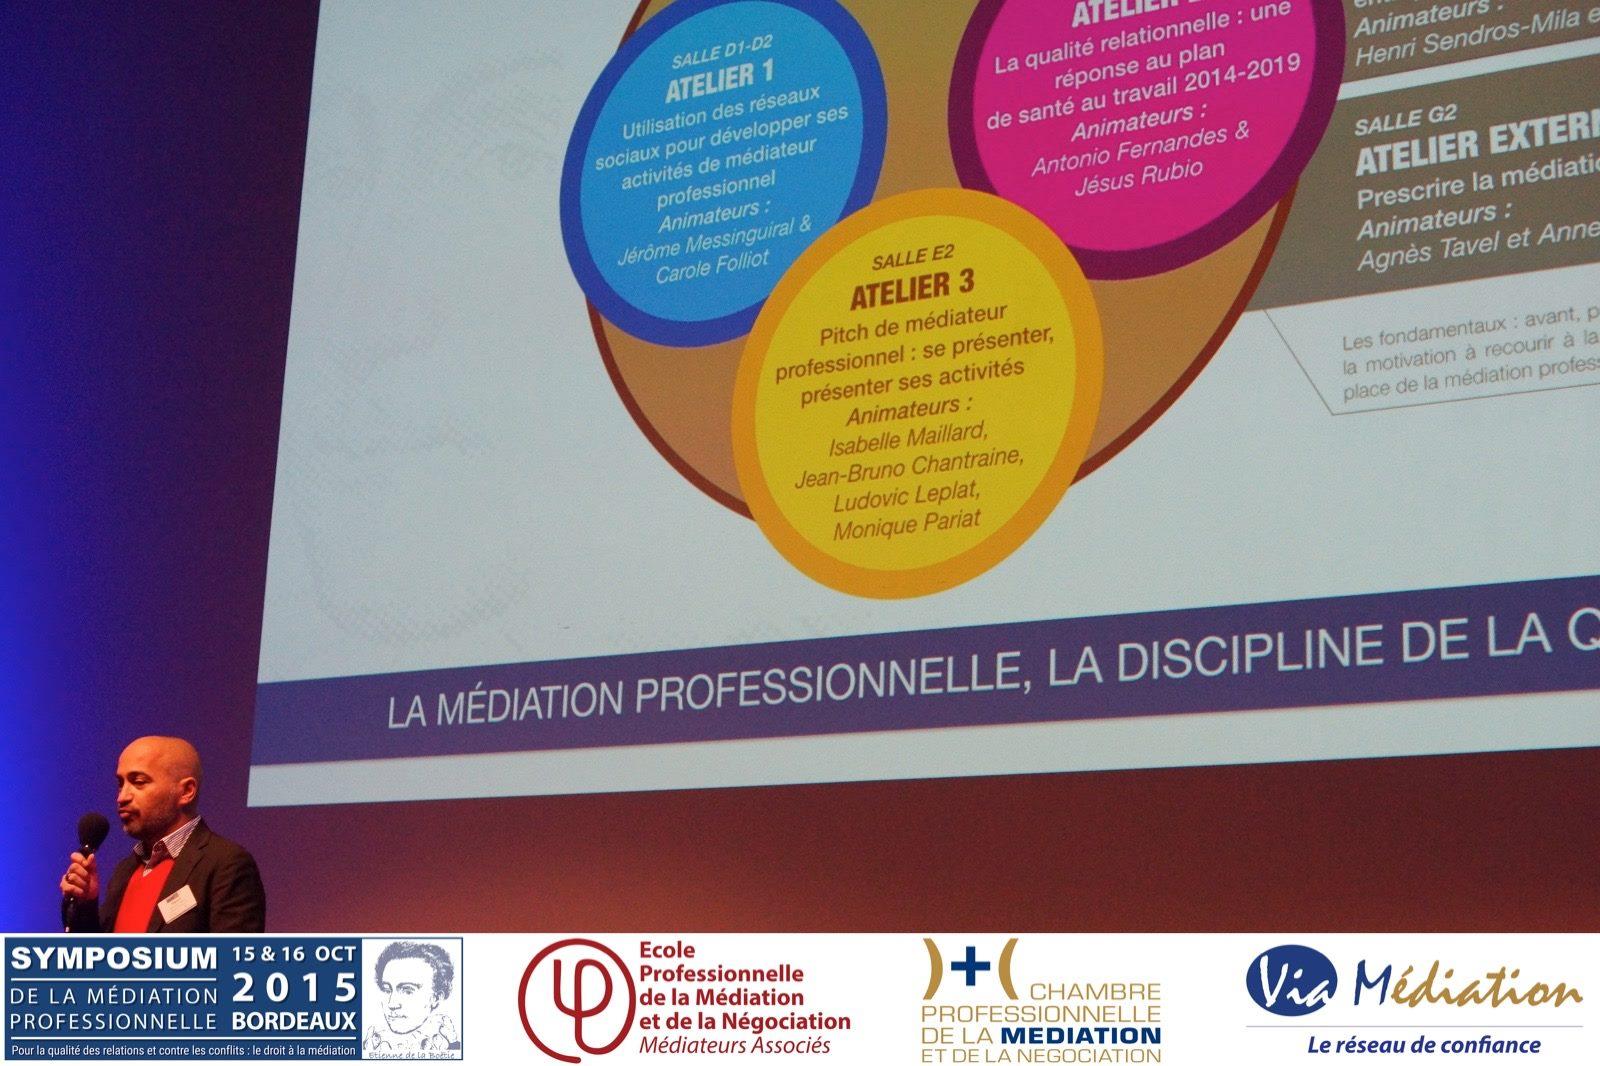 Via m diation symposium 2015 synth se des ateliers - Chambre professionnelle de la mediation et de la negociation ...